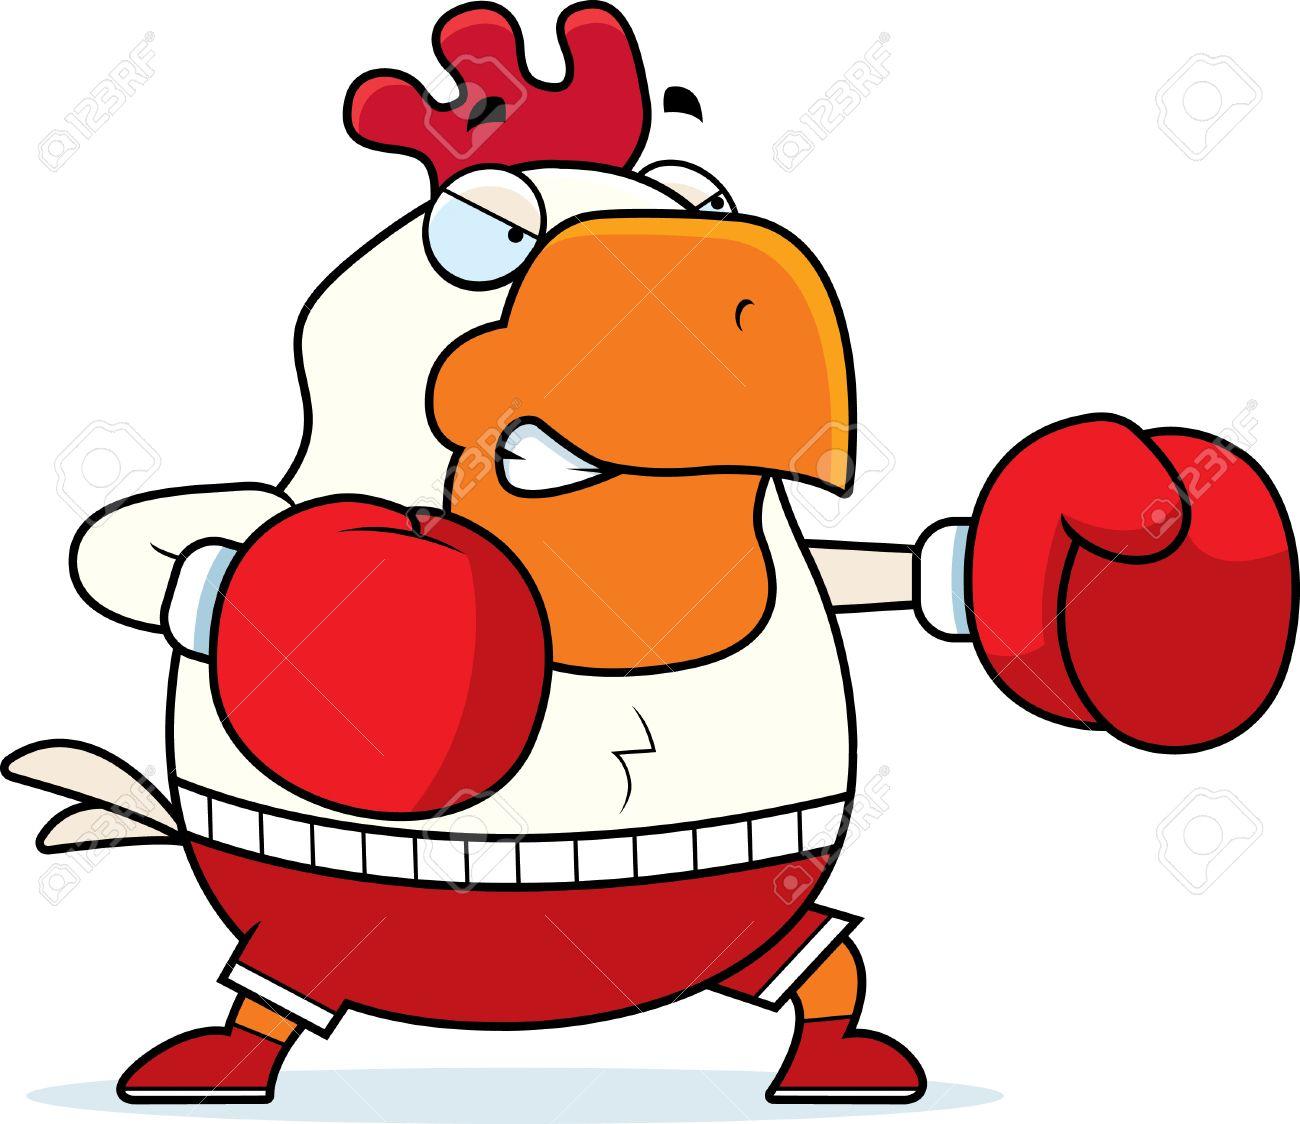 una ilustración de dibujos animados de un gallo de boxeo con guantes